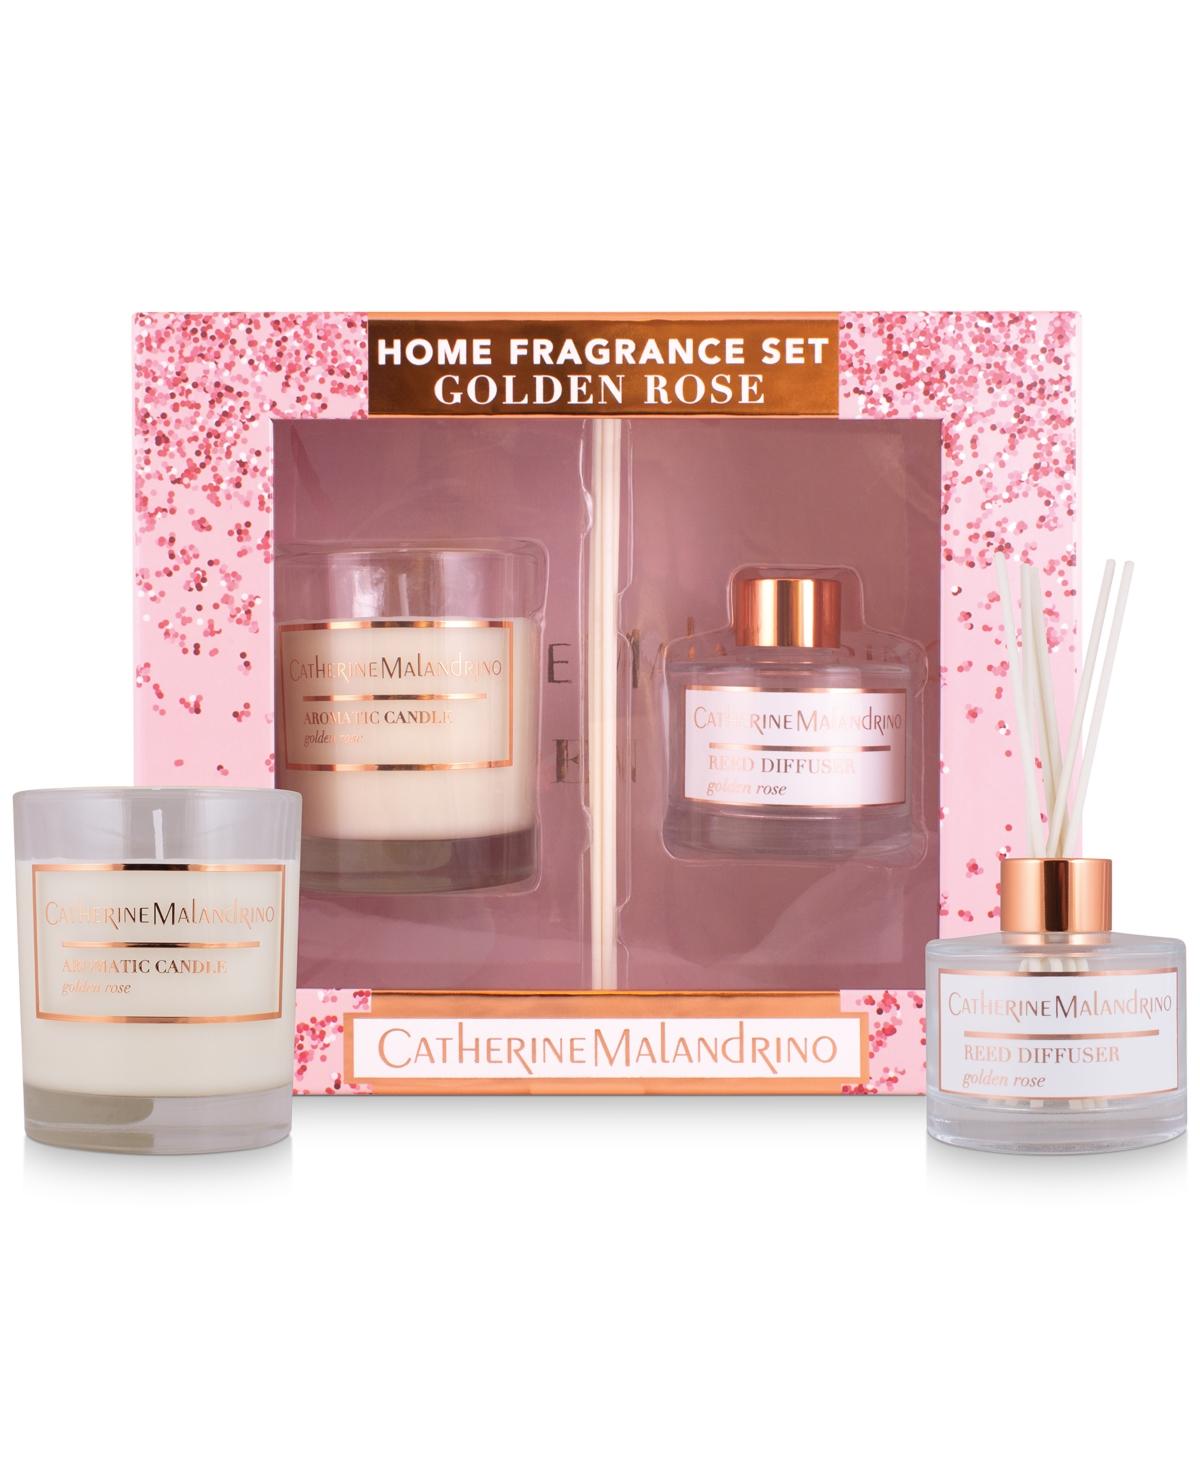 Catherine Malandrino 2-Pc. Golden Rose Home Fragrance Gift Set